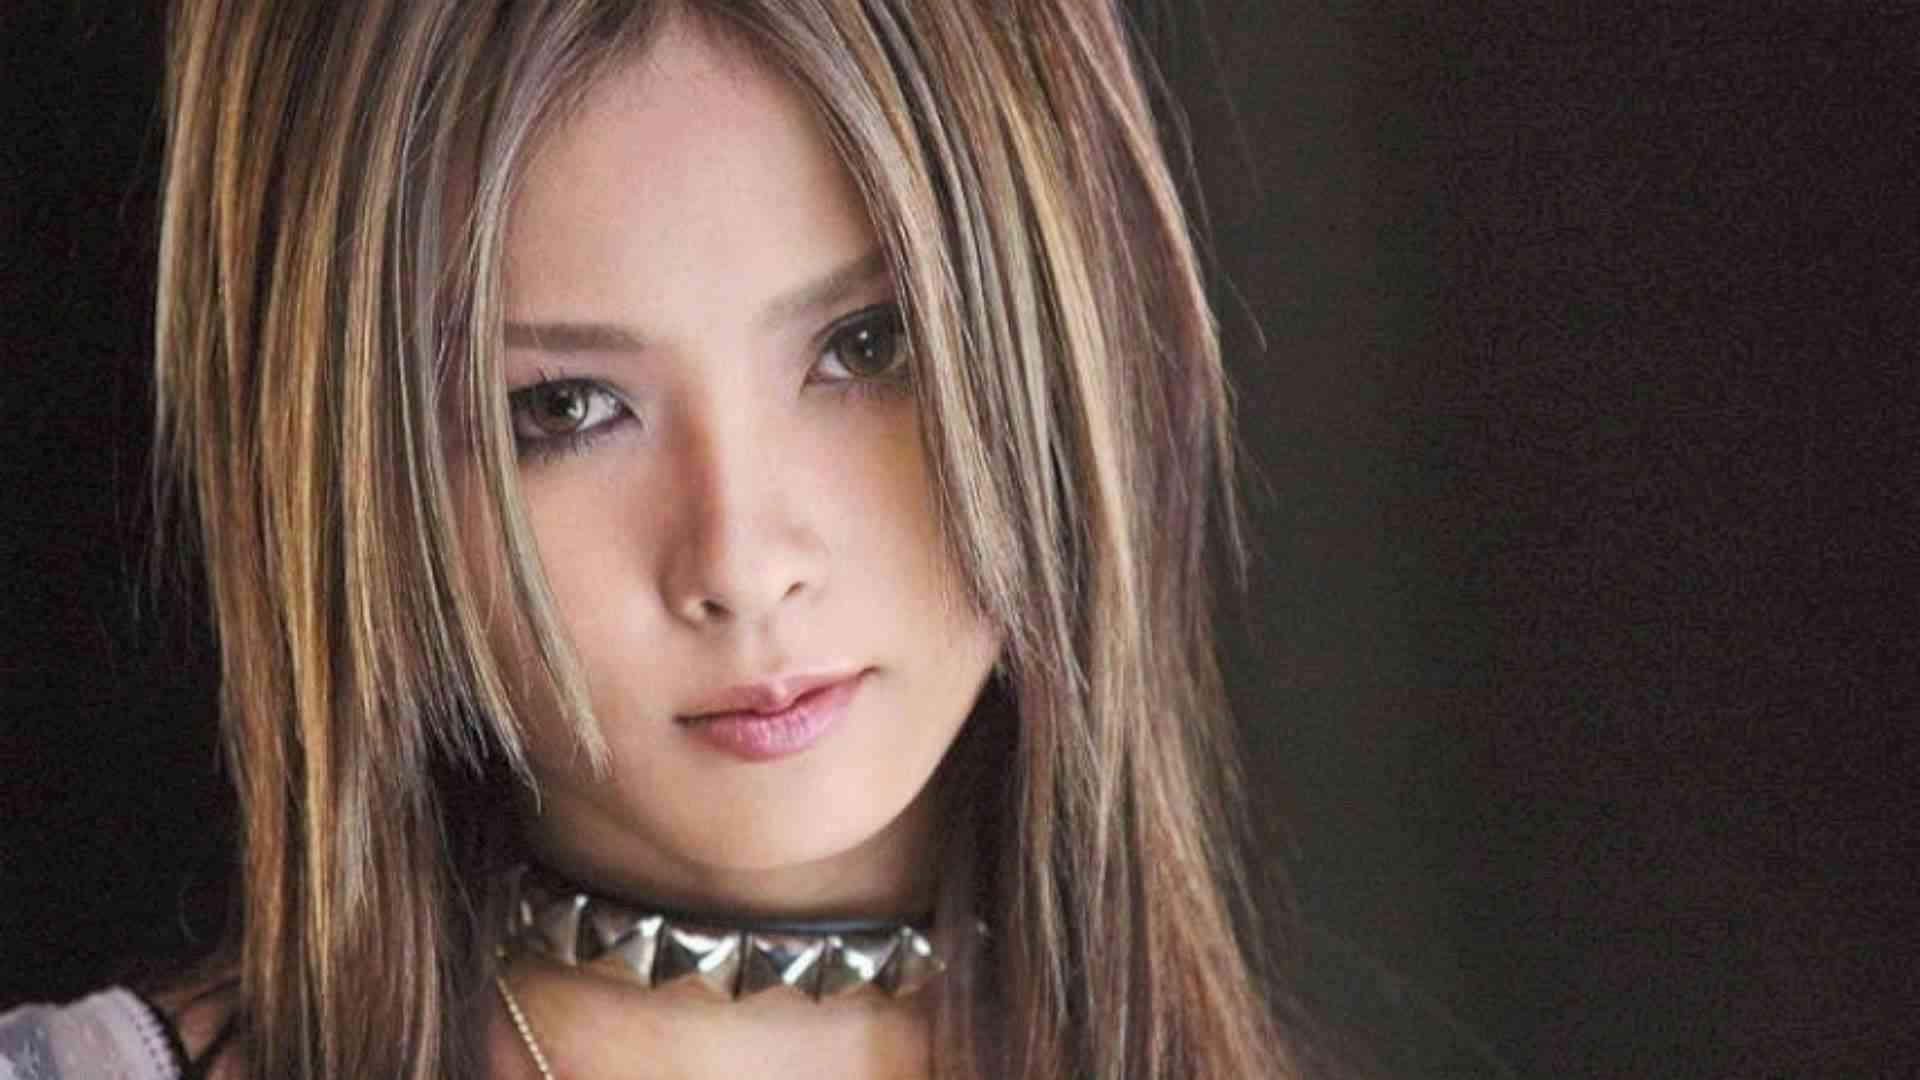 上木彩矢Aya Kamiki「ピエロ」Pierrot - YouTube